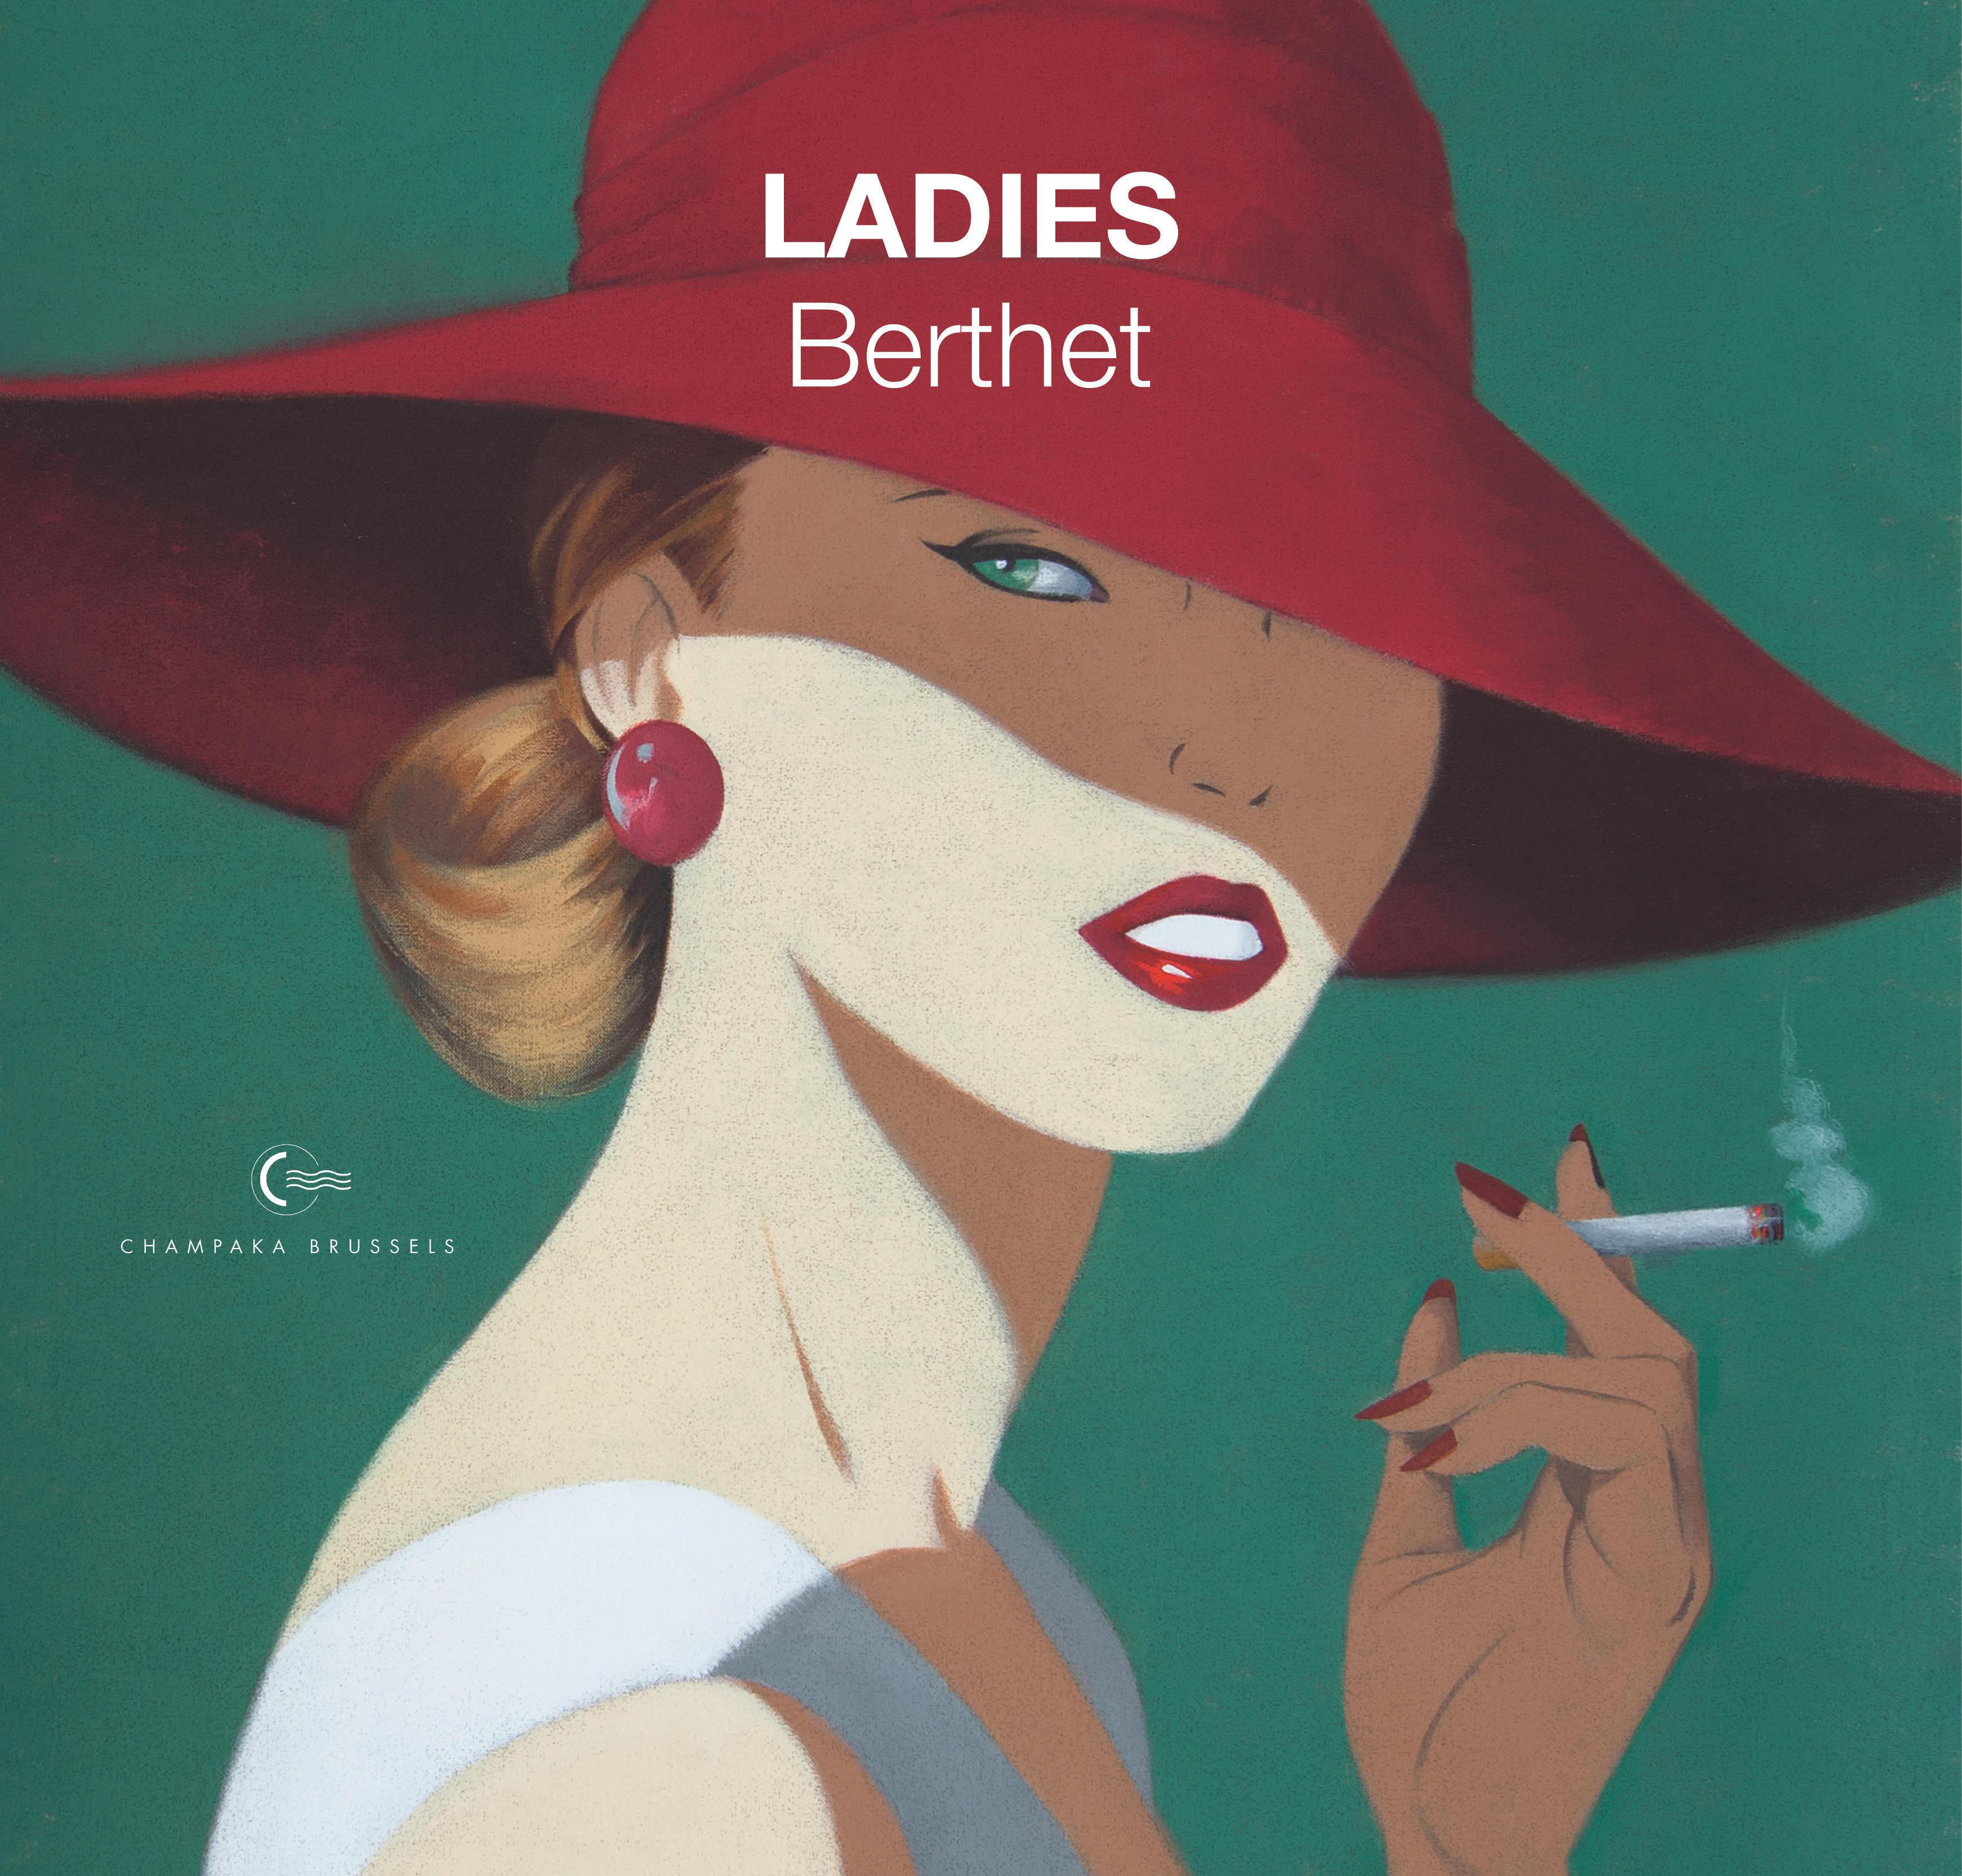 BEAUX LIVRES/ARTBOOKS - BEAUX-LIVRES / ARTBOOK CHAMPAKA - TOME 3 - PHILIPPE BERTHET ? LADIES